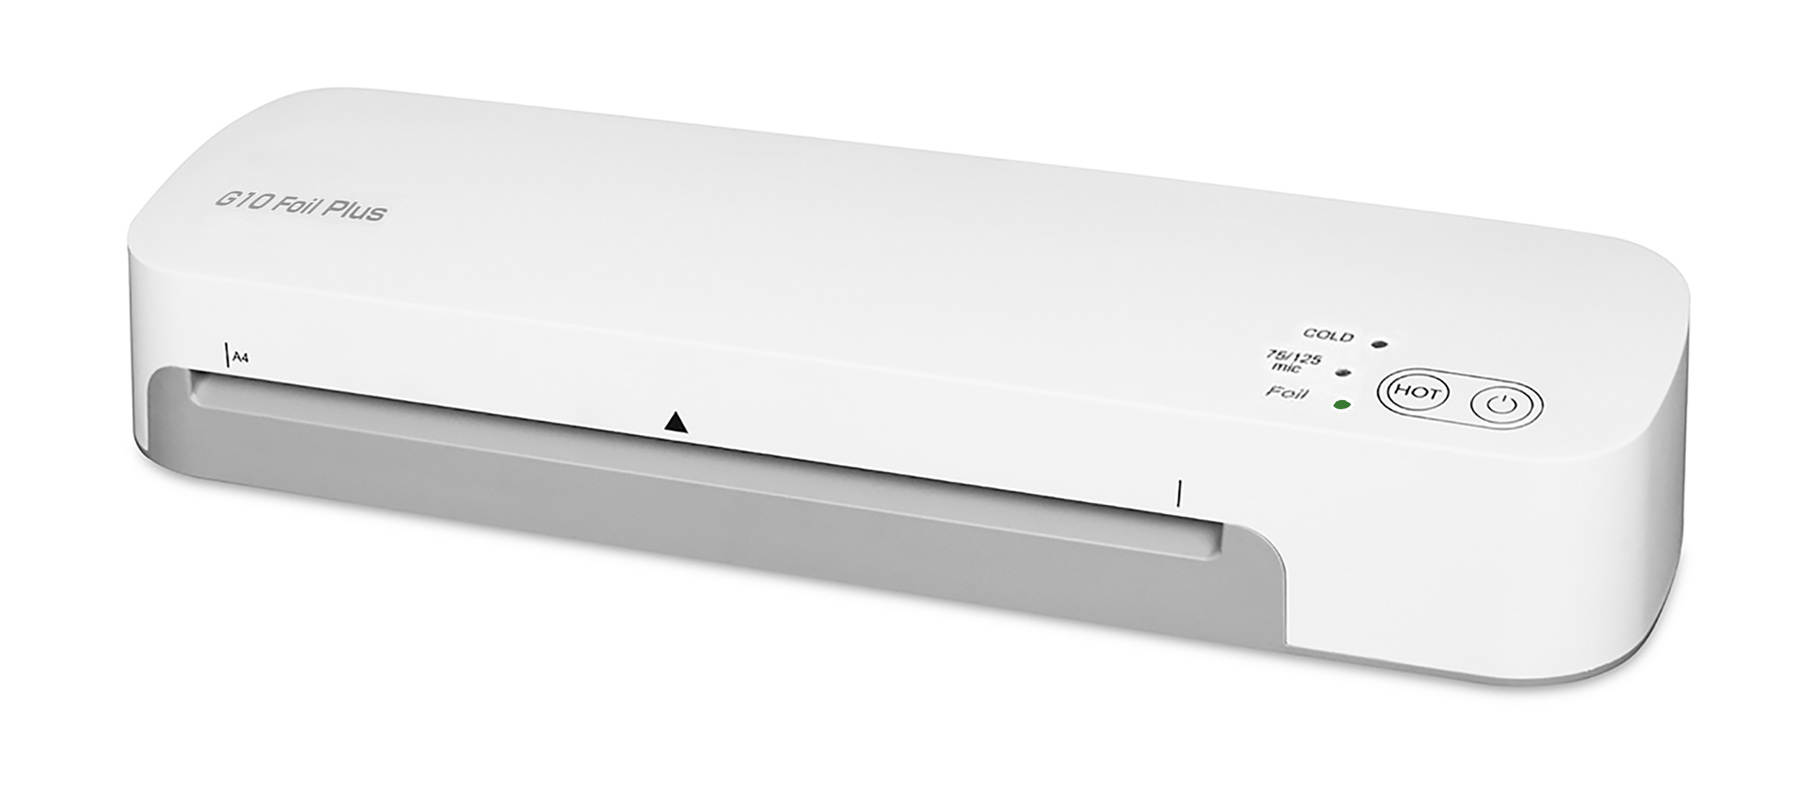 Ламинатор A4 VISION G10-FP, плотность пленки 175мкм. D&Art - фото 6